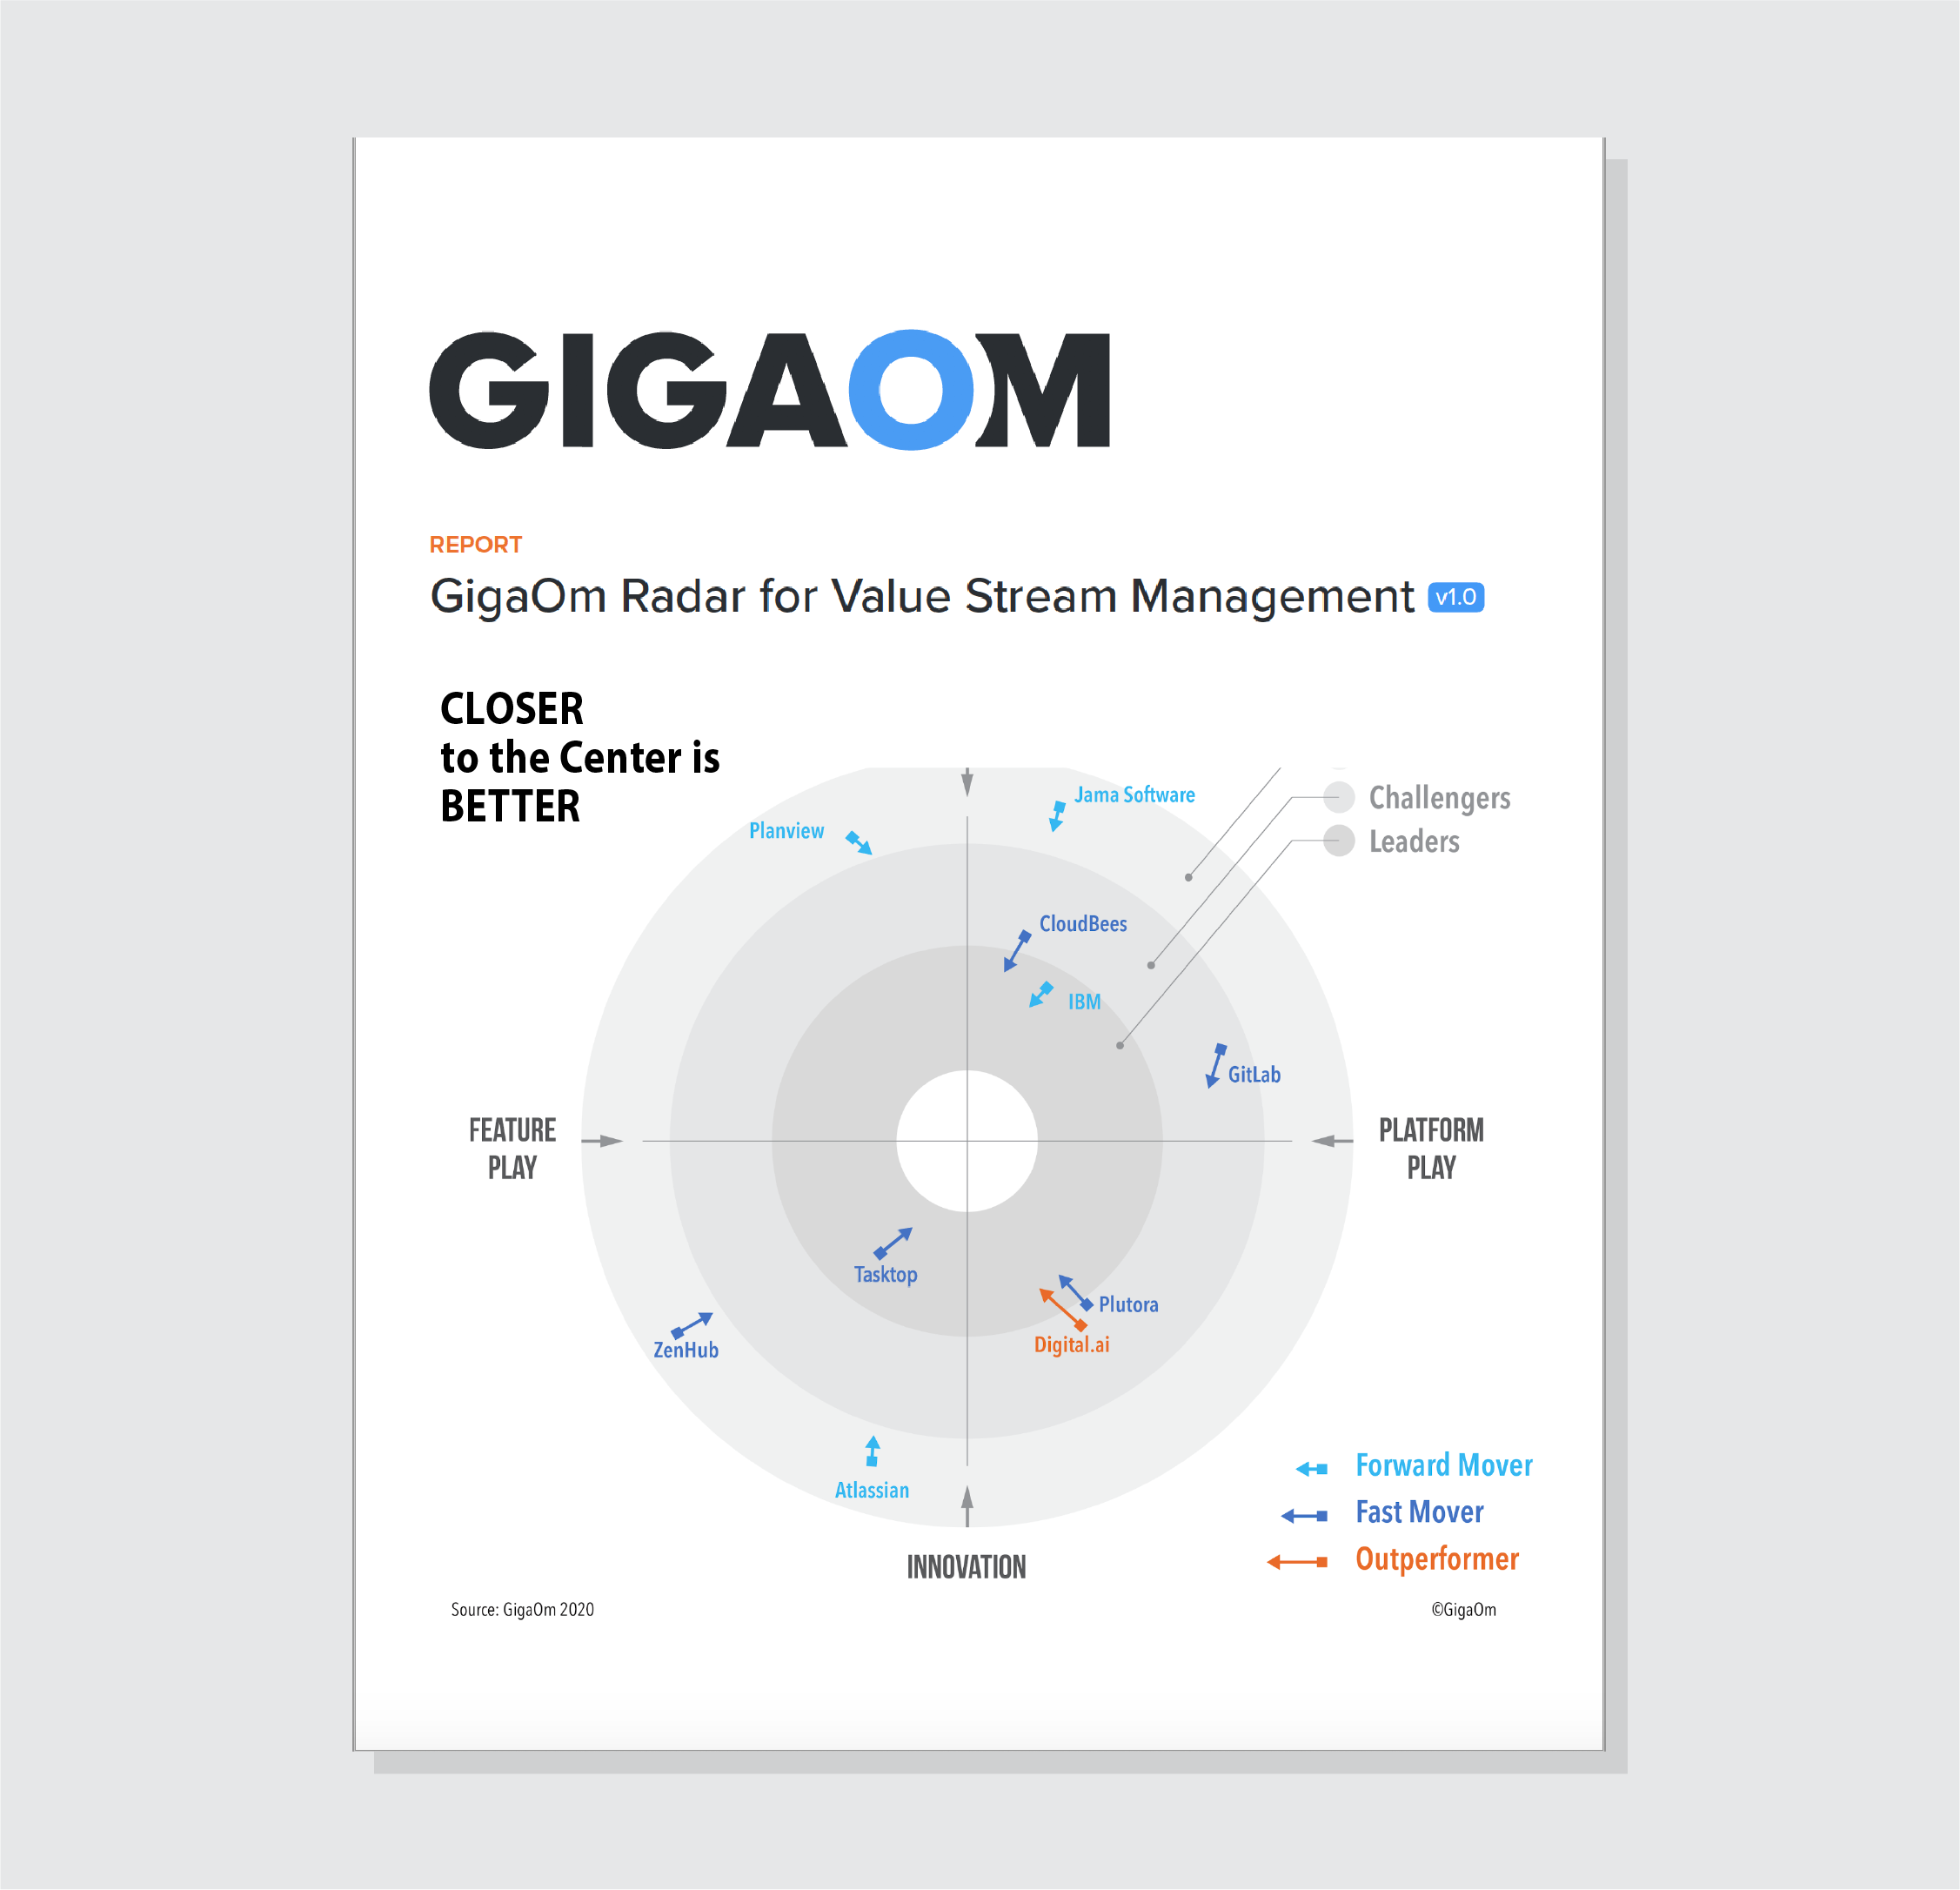 gigaom report vsm